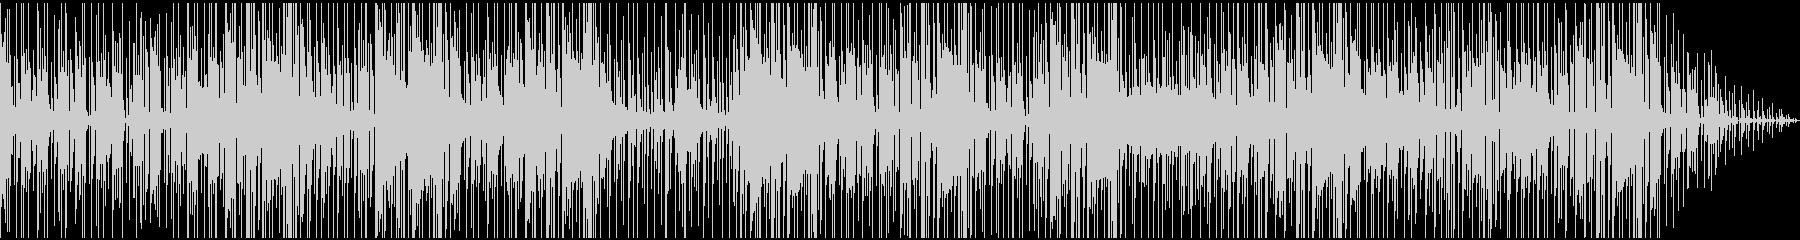 暗めで無機質・緊迫感のあるBGMの未再生の波形